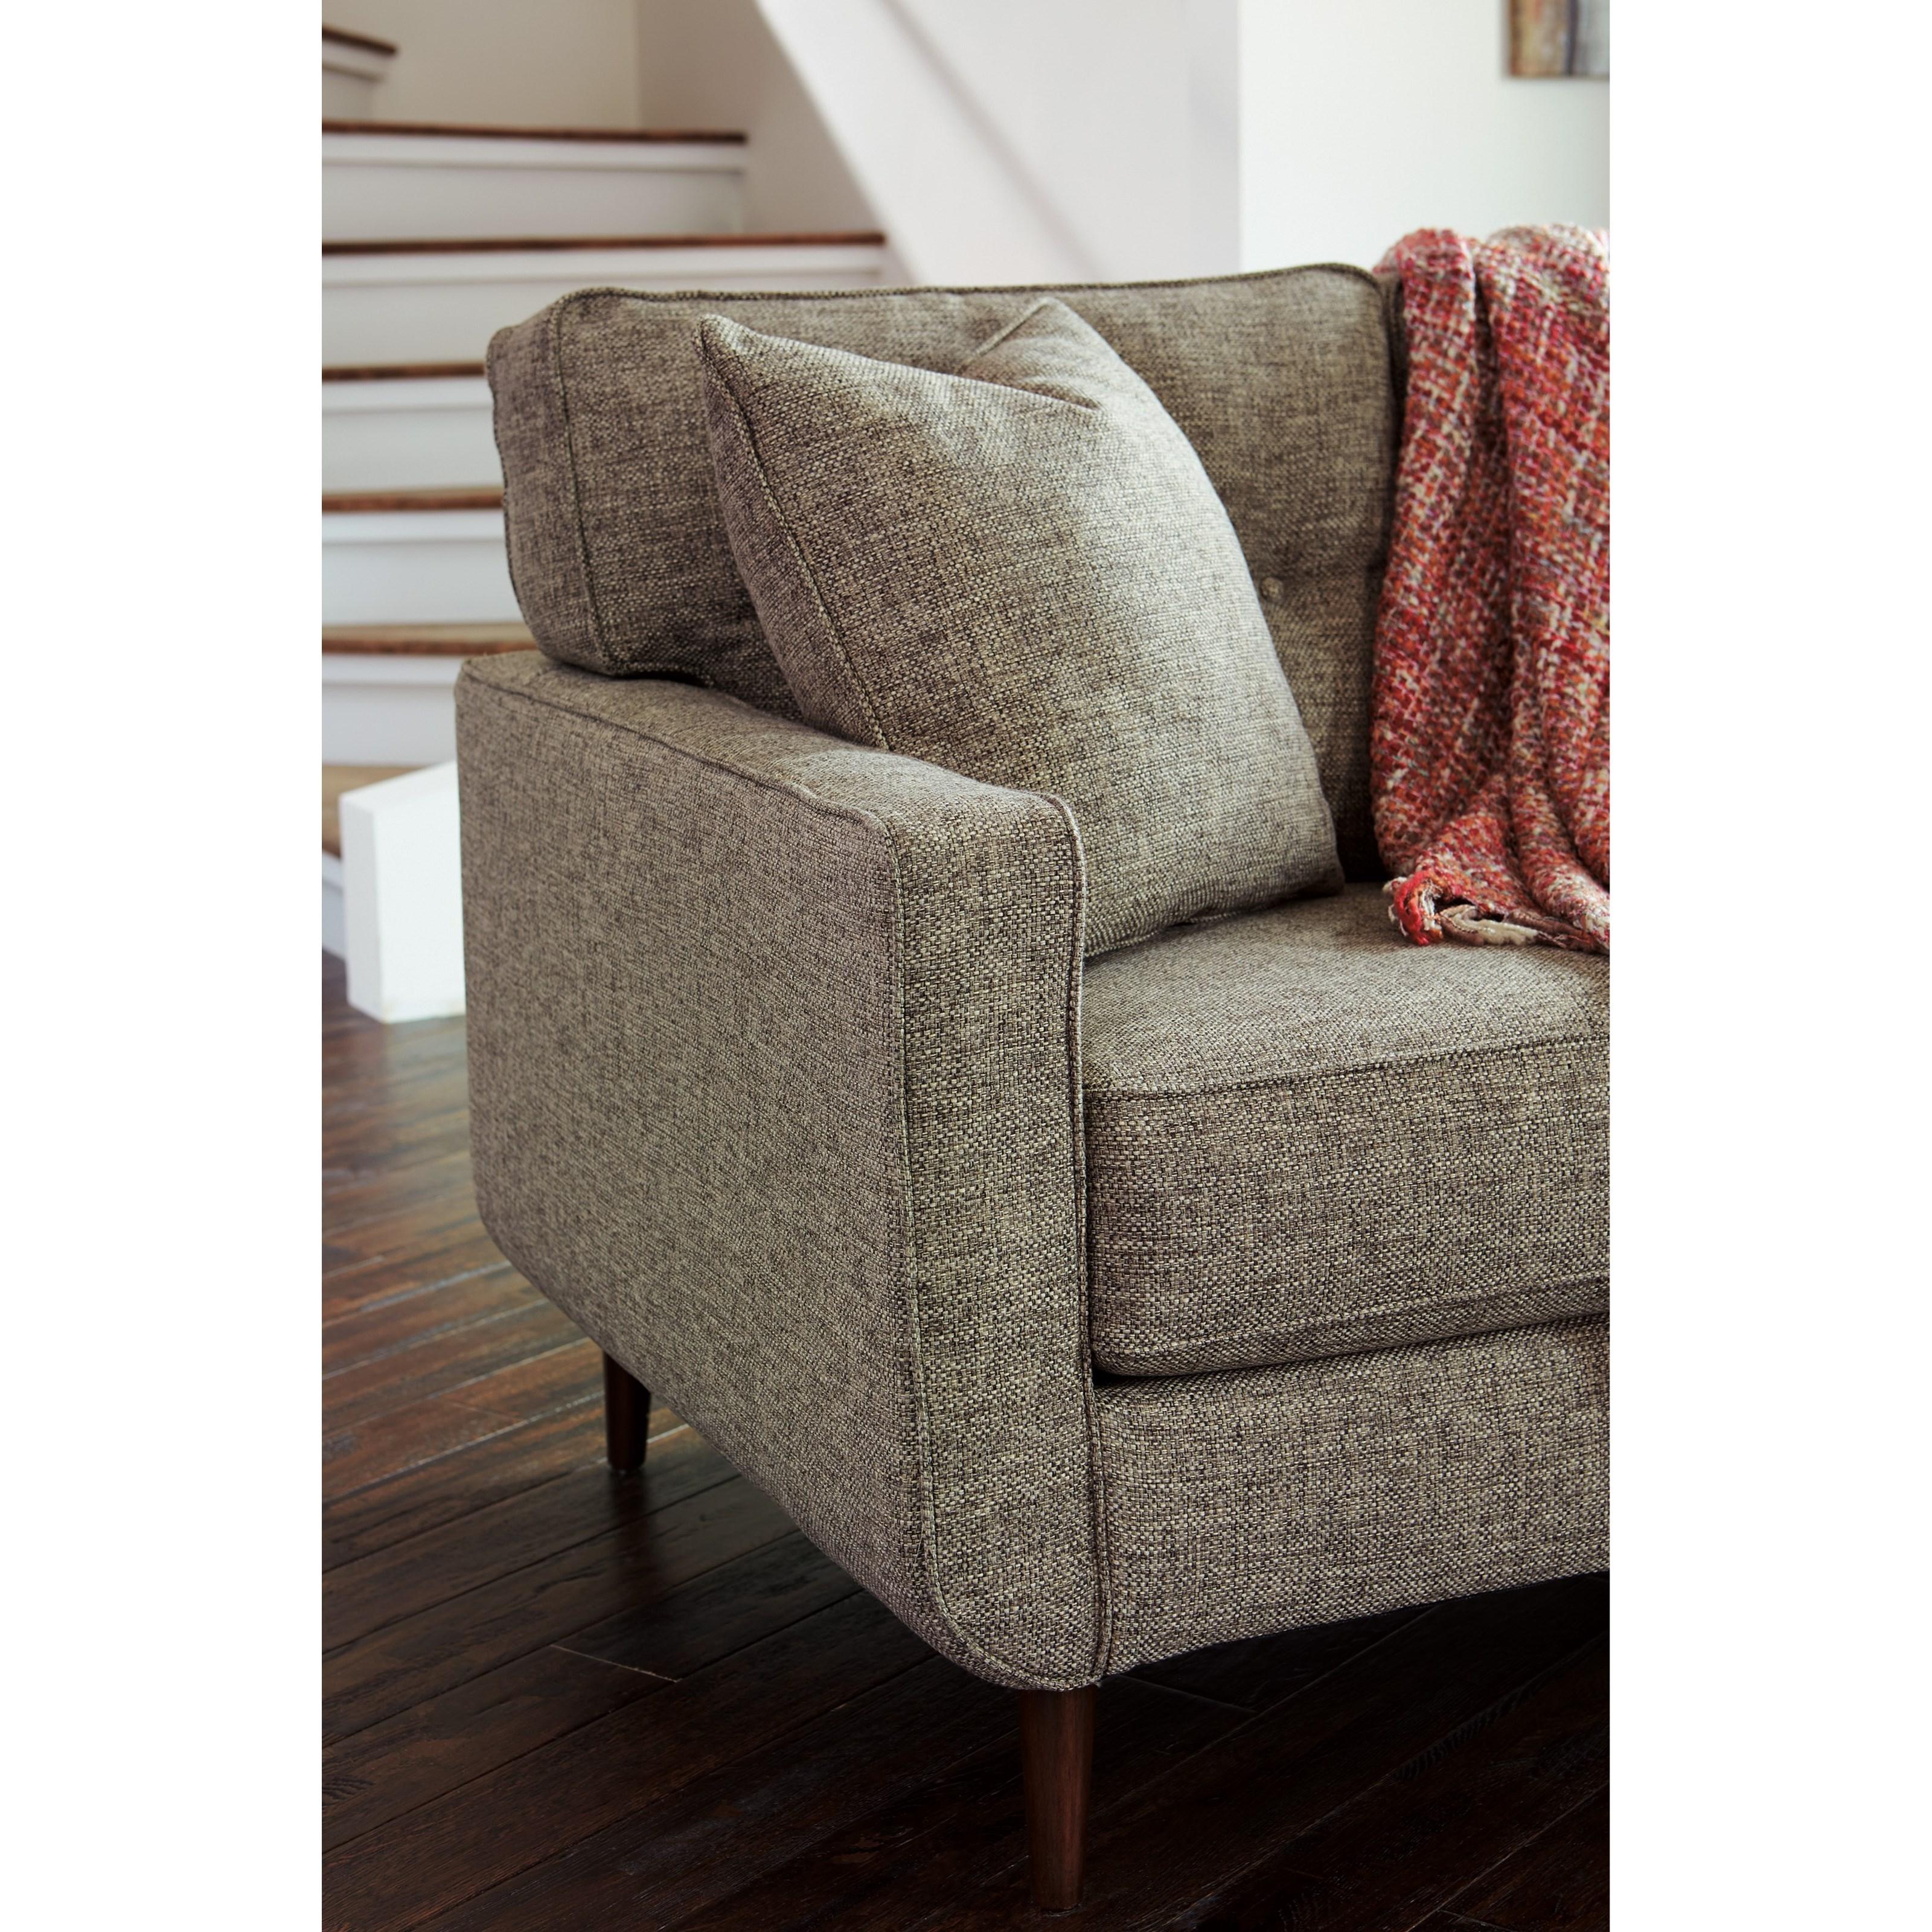 Benchcraft By Ashley Dahra Mid Century Modern Sofa A1